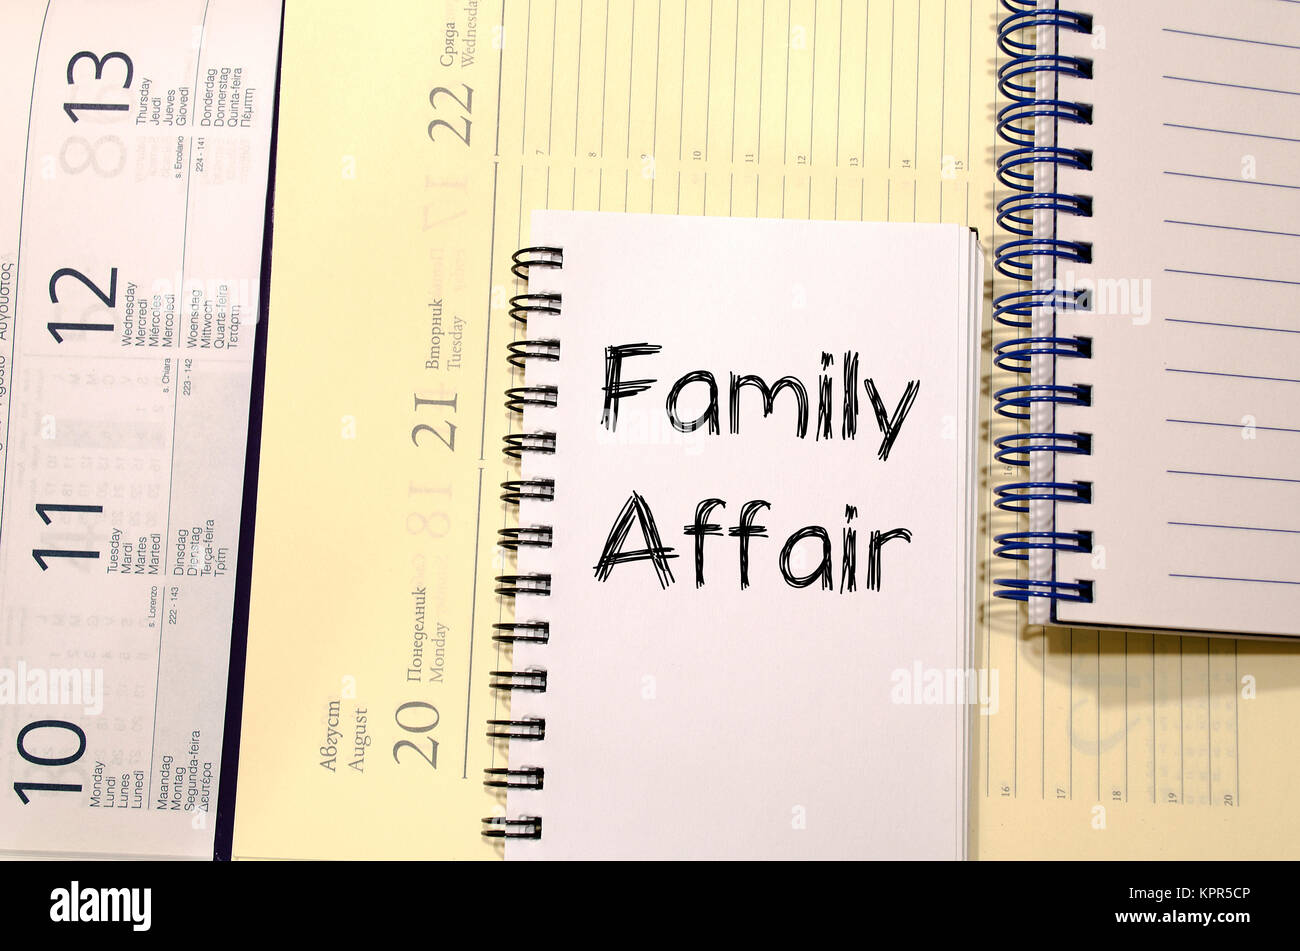 Family Affair concepto texto Foto de stock